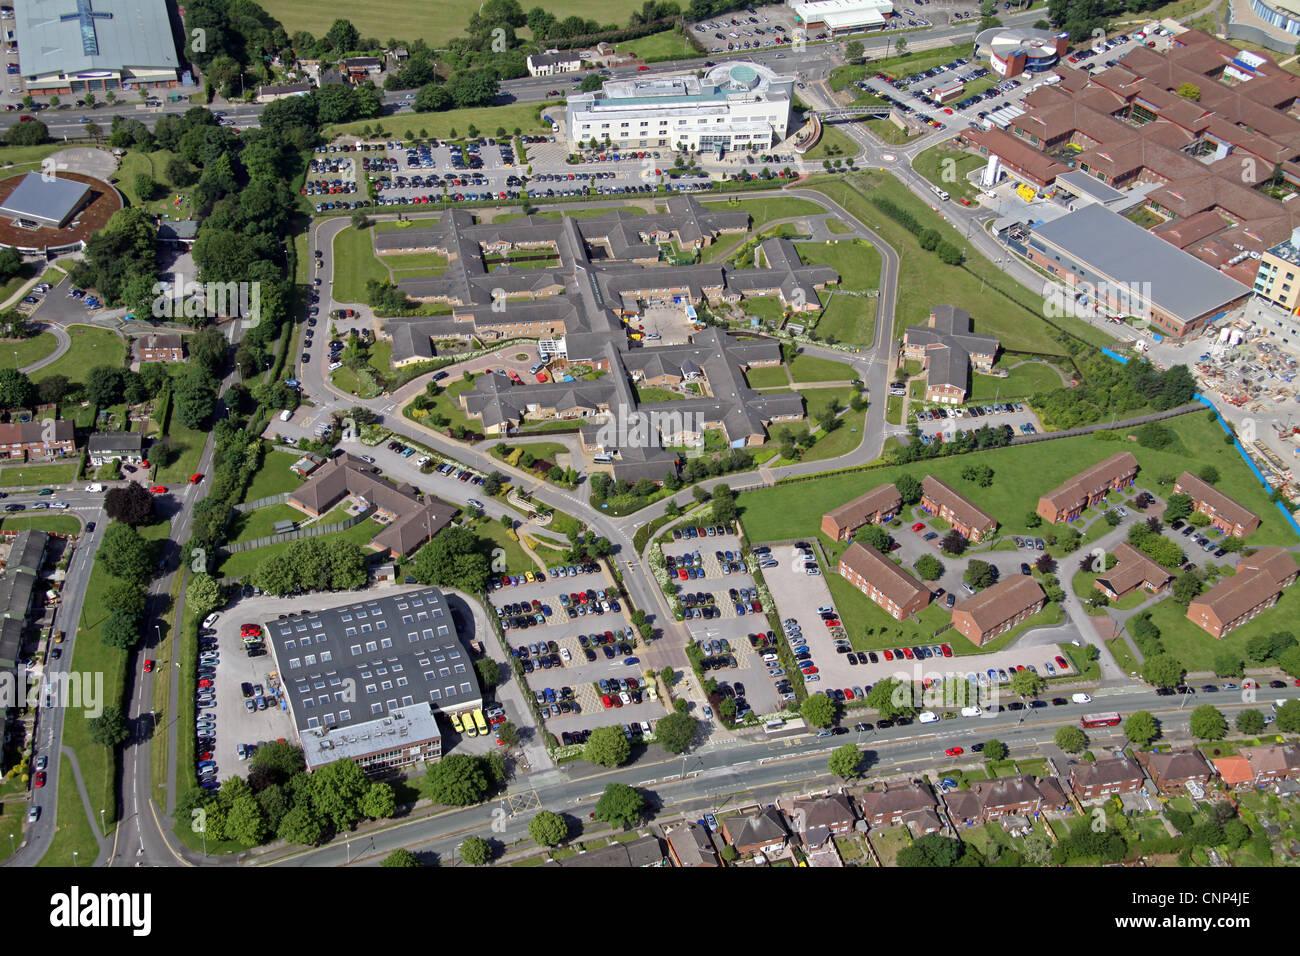 Luftaufnahme des Harplands Krankenhaus und anderen Krankenhäusern in Stoke on Trent Stockbild